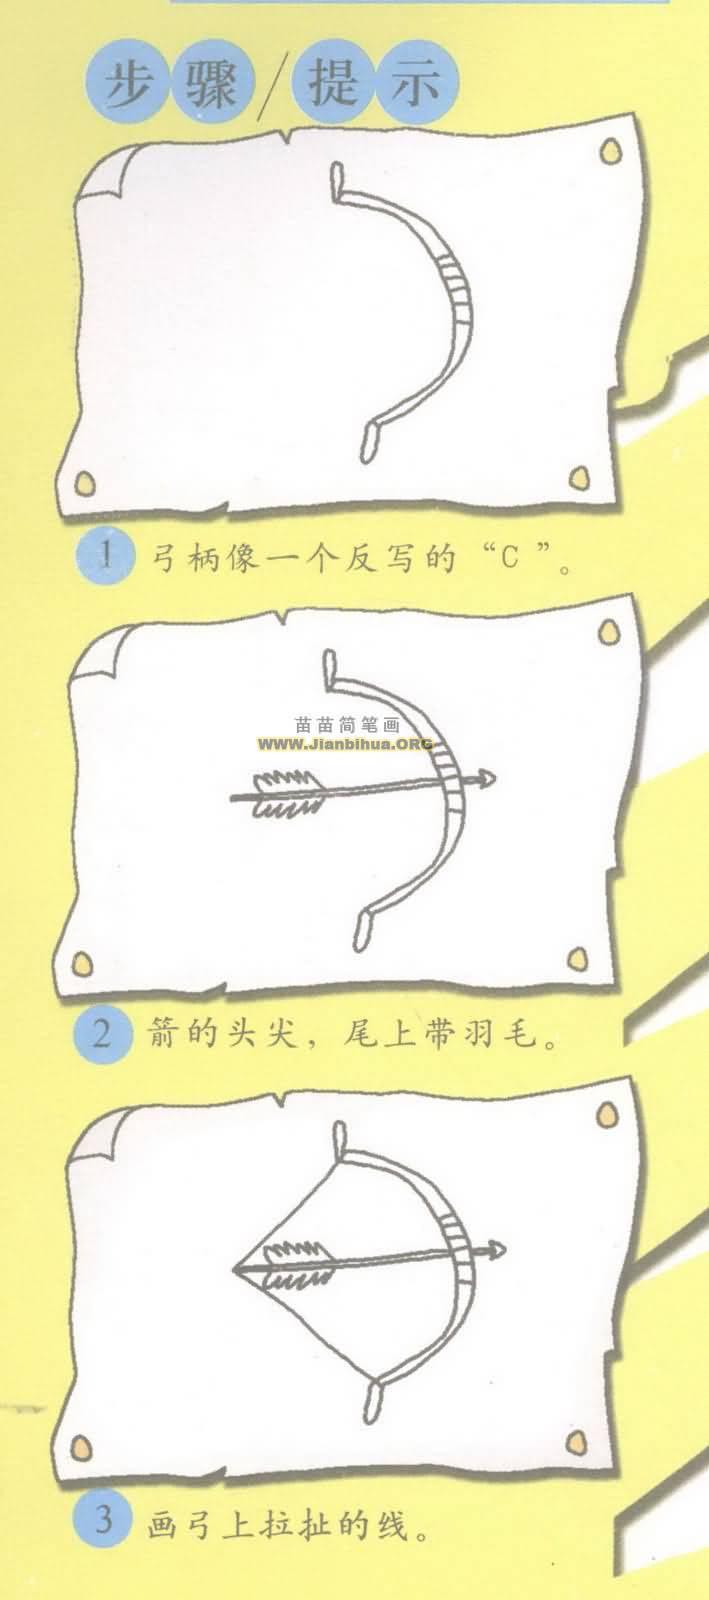 幼儿园青花瓷纸盘花边简笔画展示